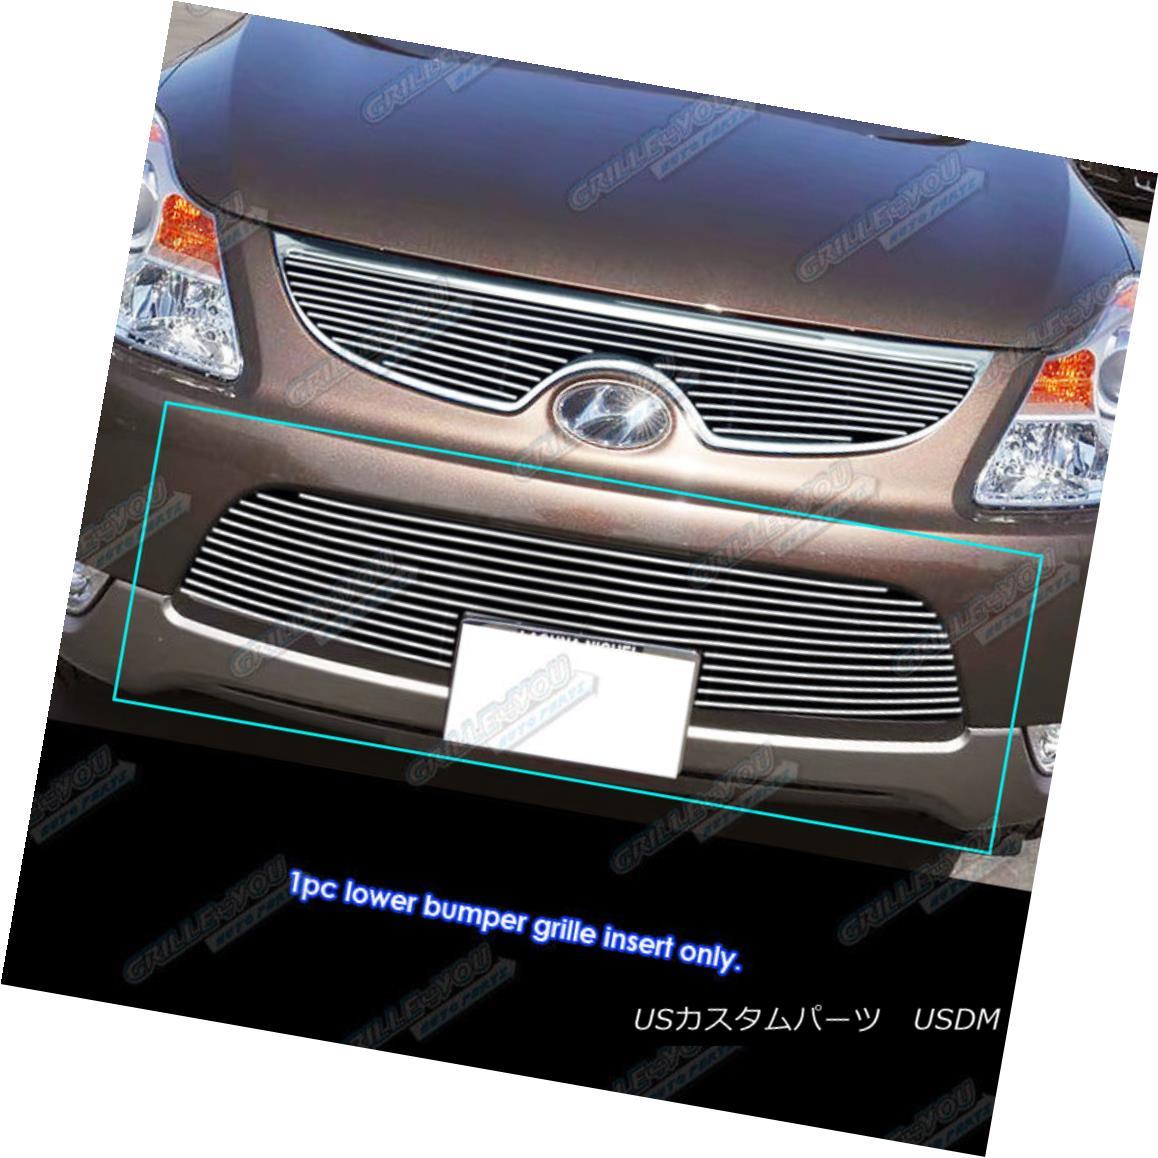 グリル Fits 2006-2011 Hyundai Veracruz Bumper Billet Grille Grill Insert 現代ベラクルスバンパービレットグリルグリルインサート